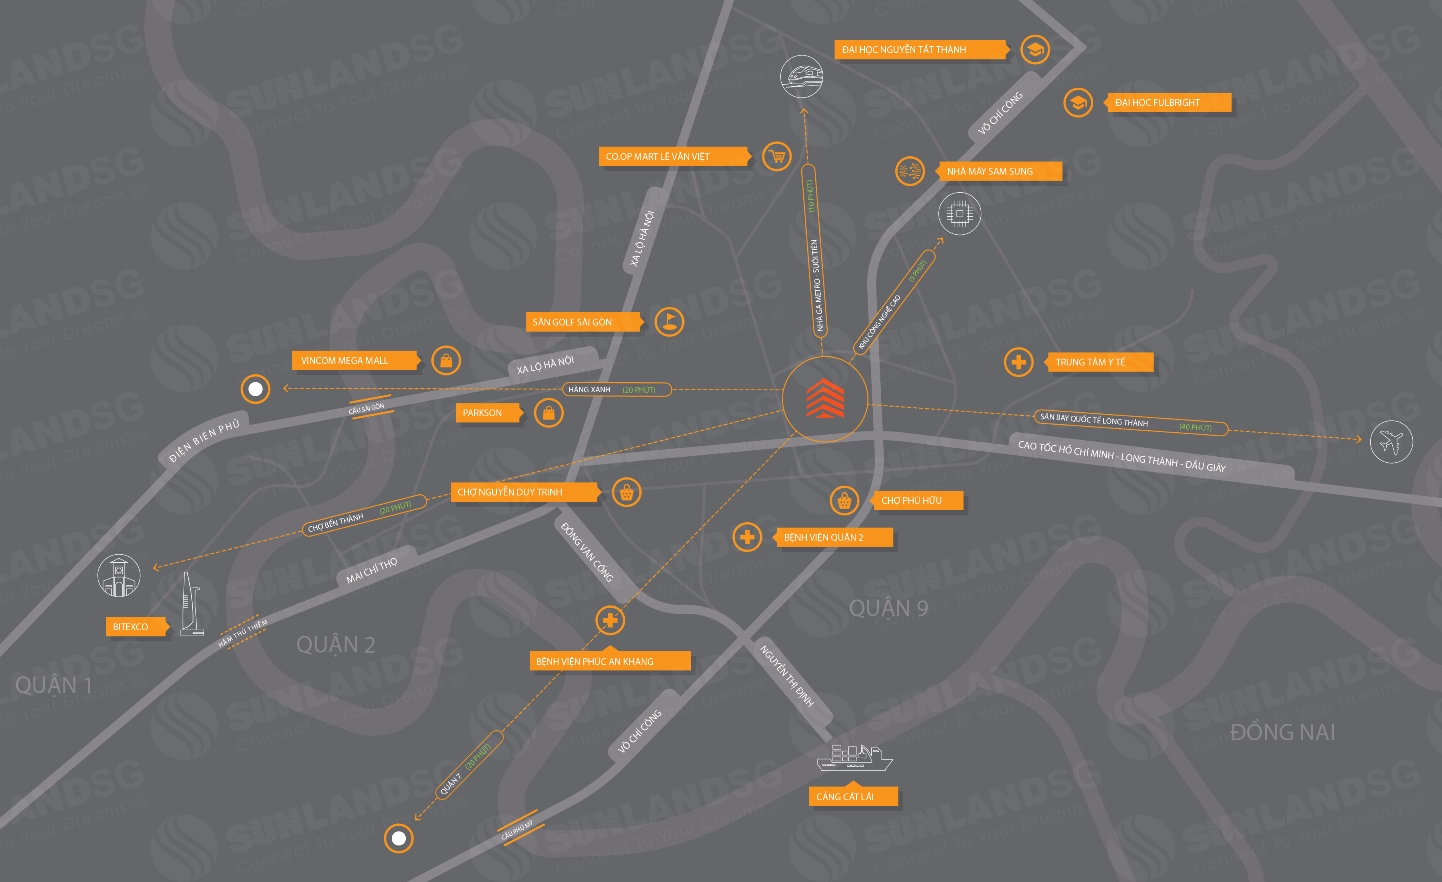 Vị trí vàng-dễ dàng kết nối - Hausneo Quận 9